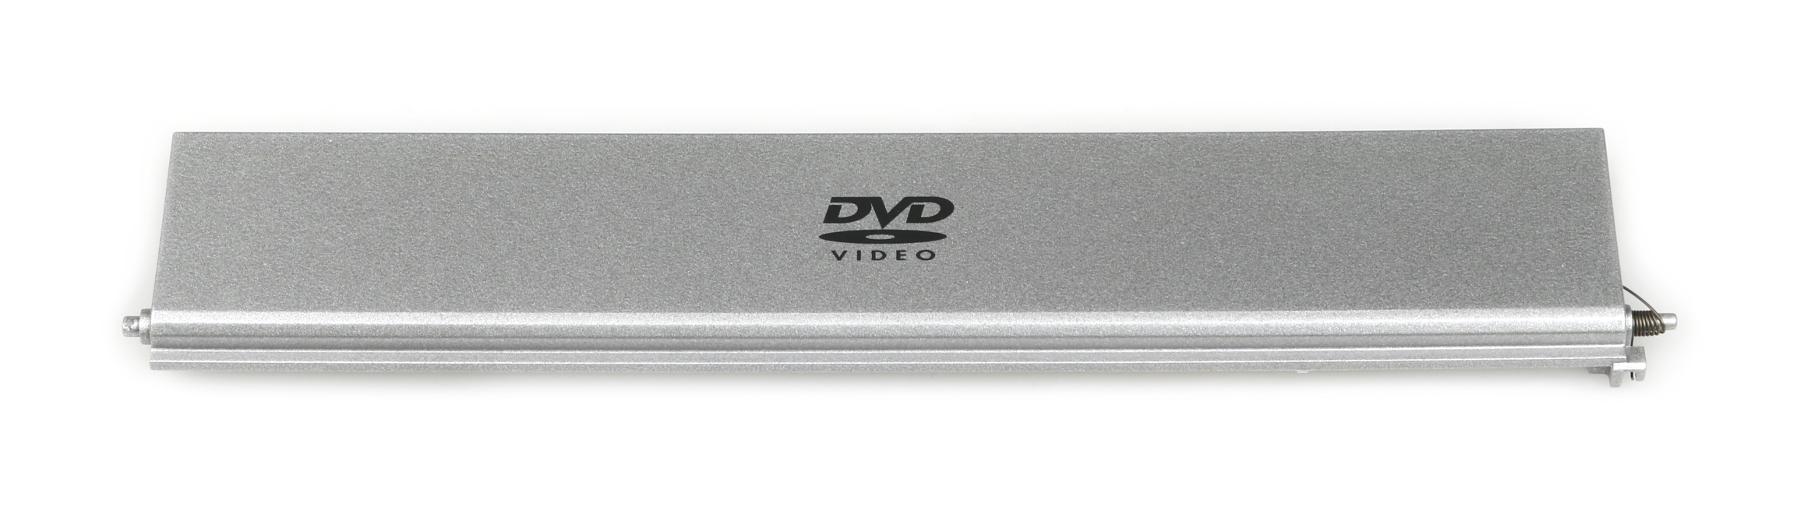 Panasonic TV Combo DVD Door